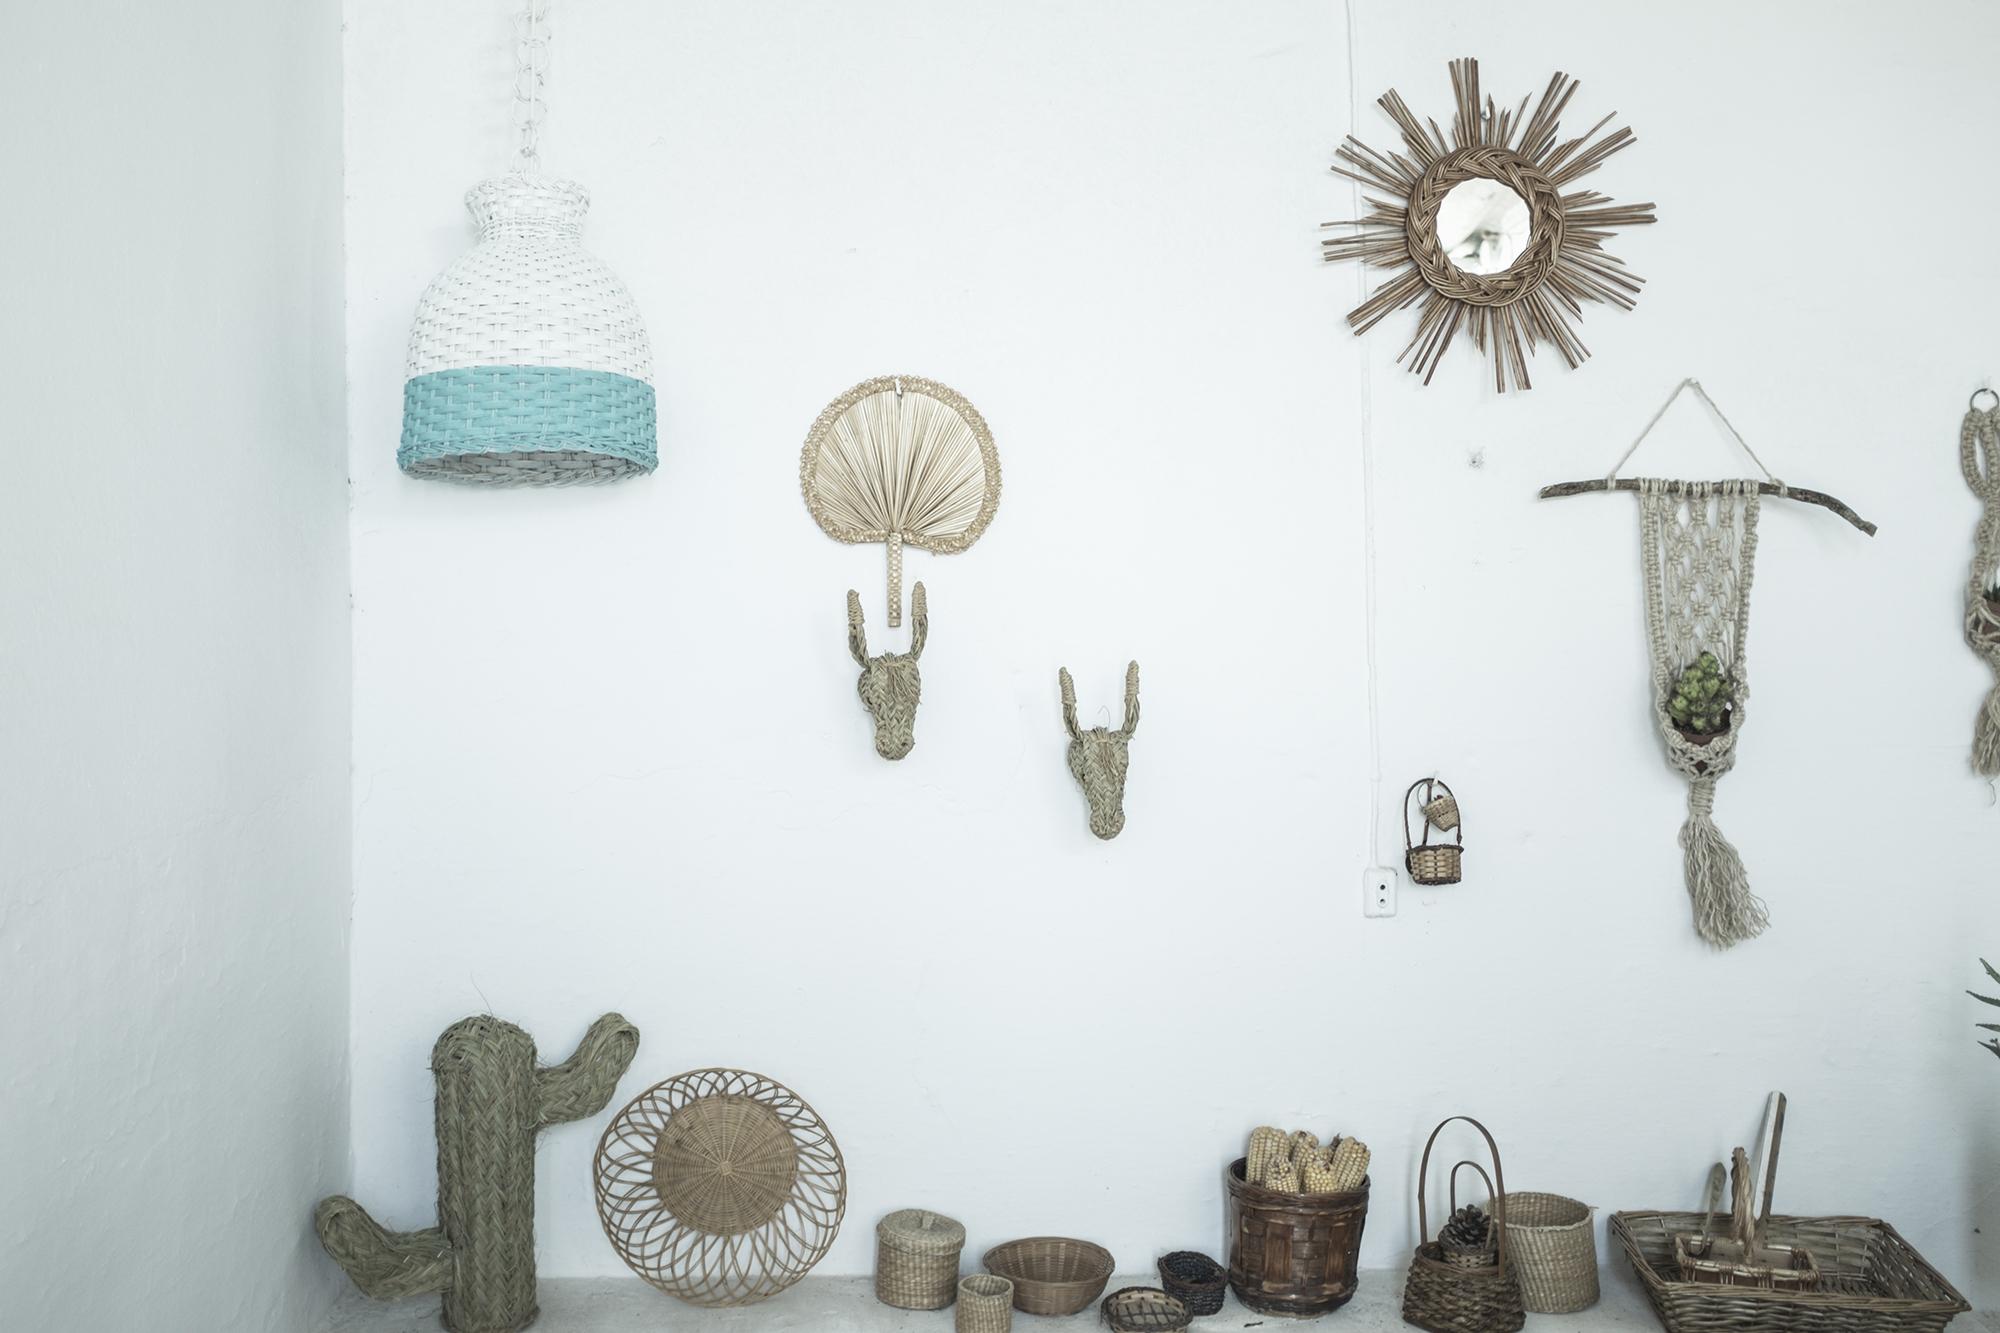 pai pai lámpara espejo mimble cactus palma colgadores macramé pipolart